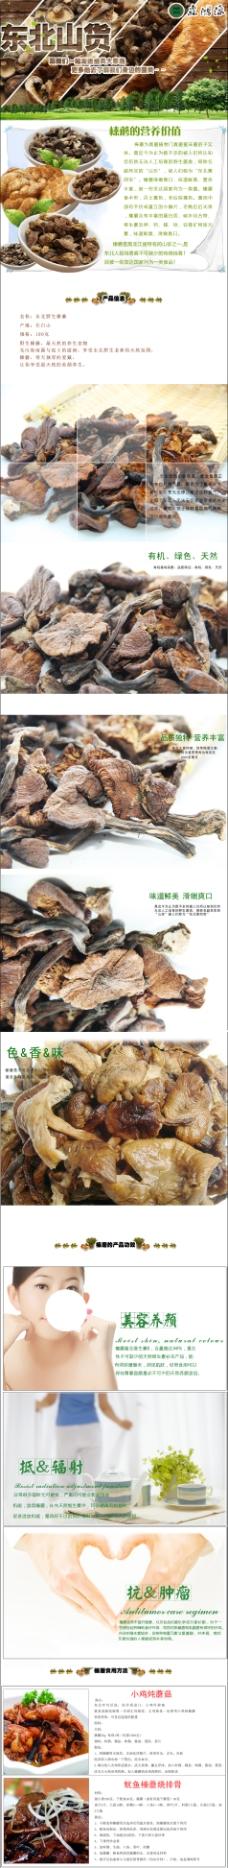 蘑菇详情页